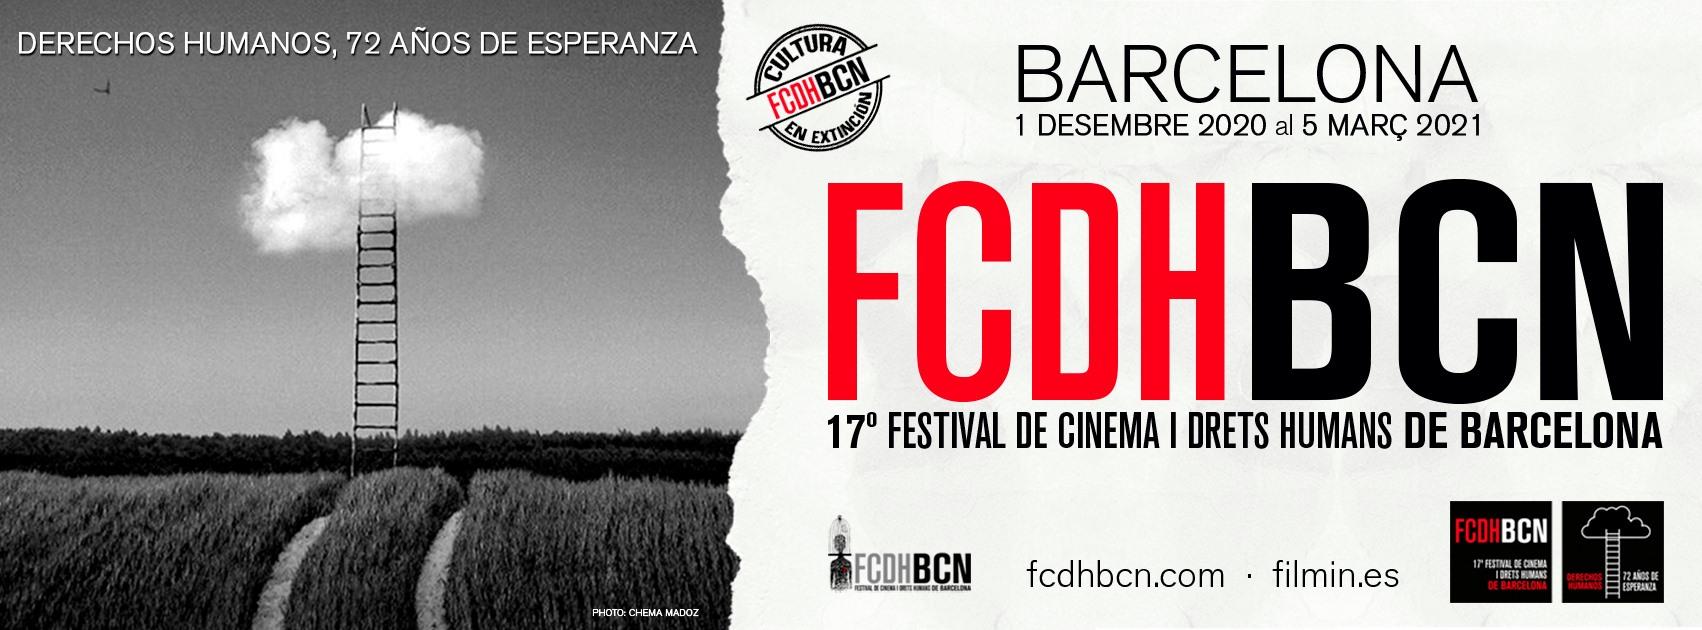 'Mairin nani' en el Festival de Cine y Derechos Humanos de Barcelona